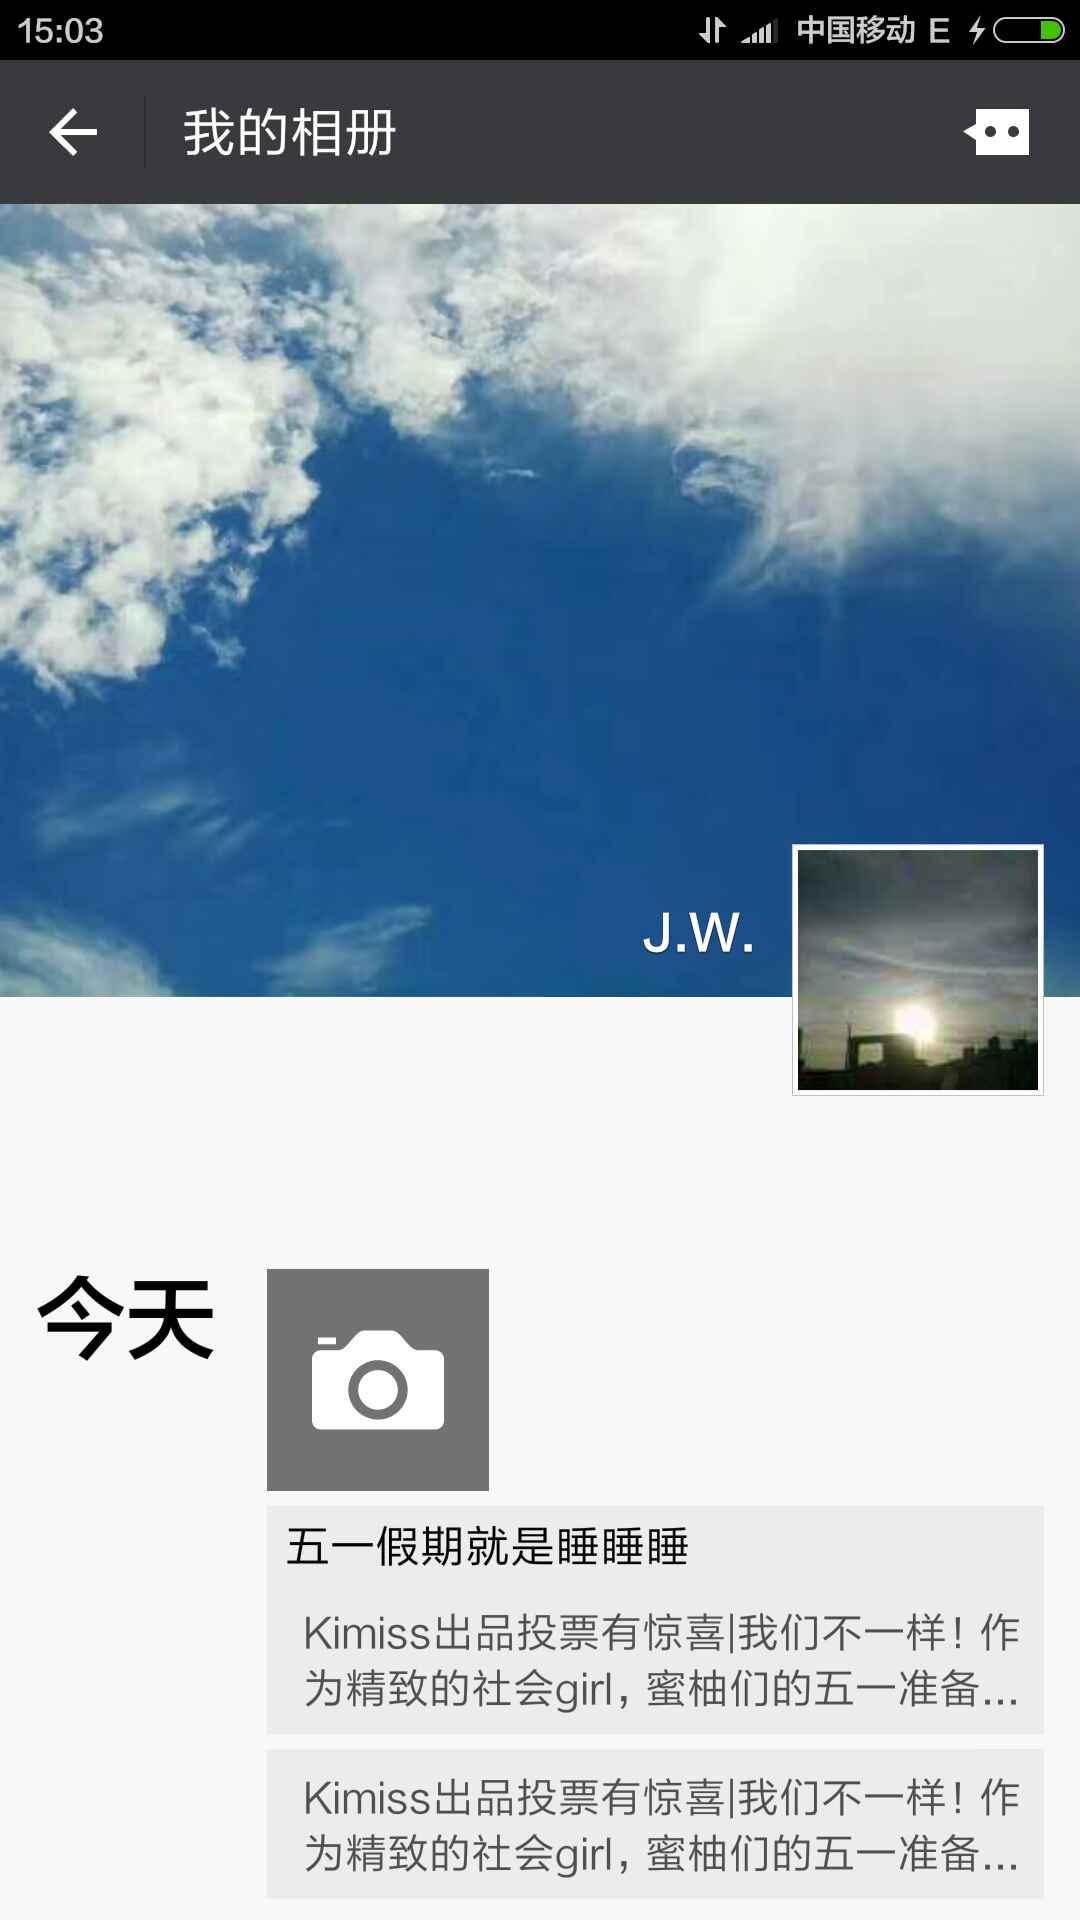 微信图片_20180429153530.jpg